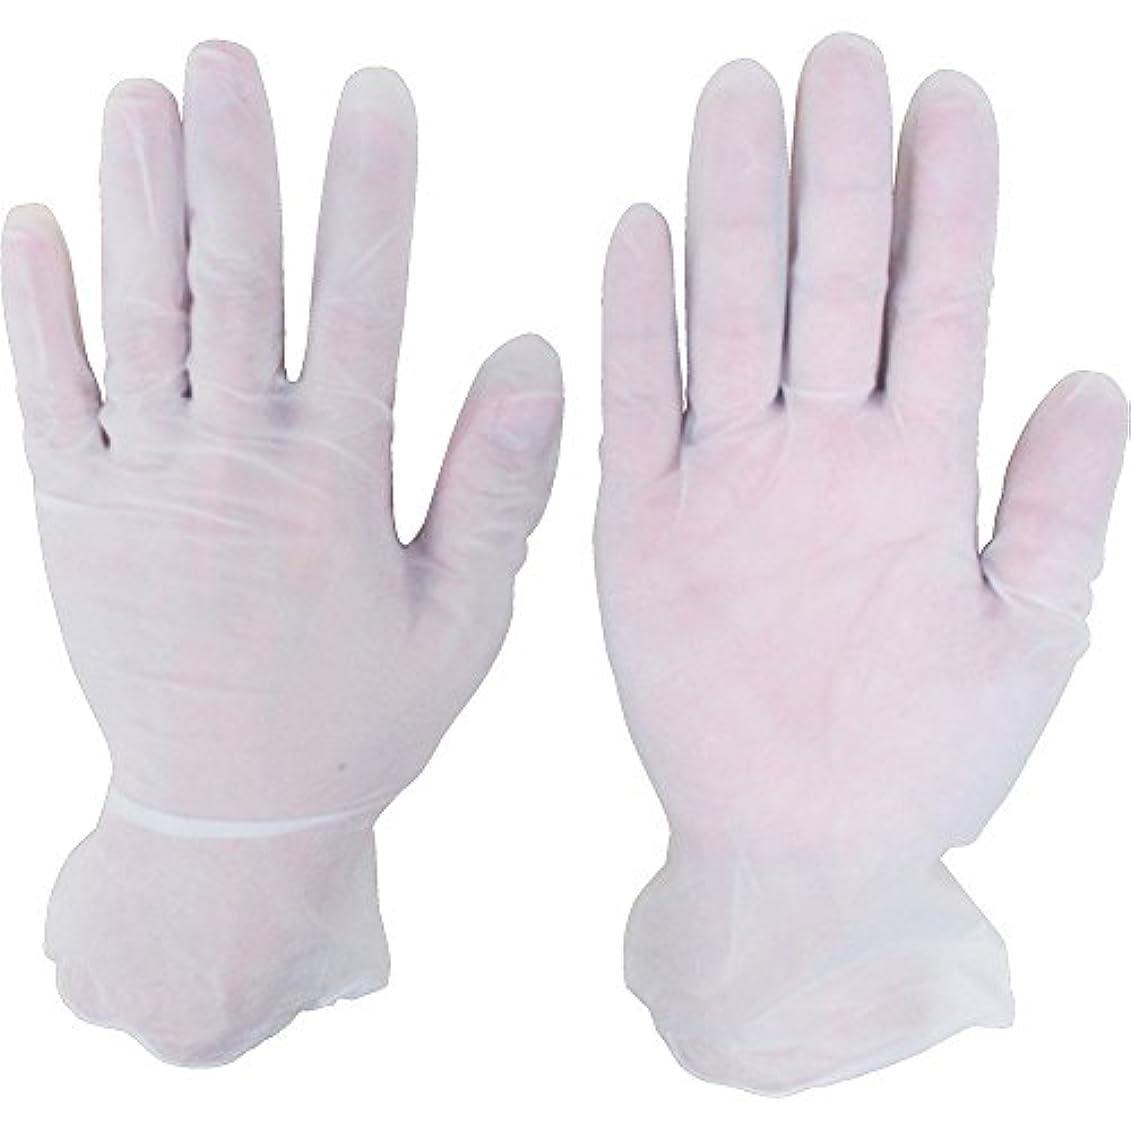 シンガー プラスチックグローブNo8100PF SSサイズ (100枚入) D201-SS ビニール使い捨て手袋